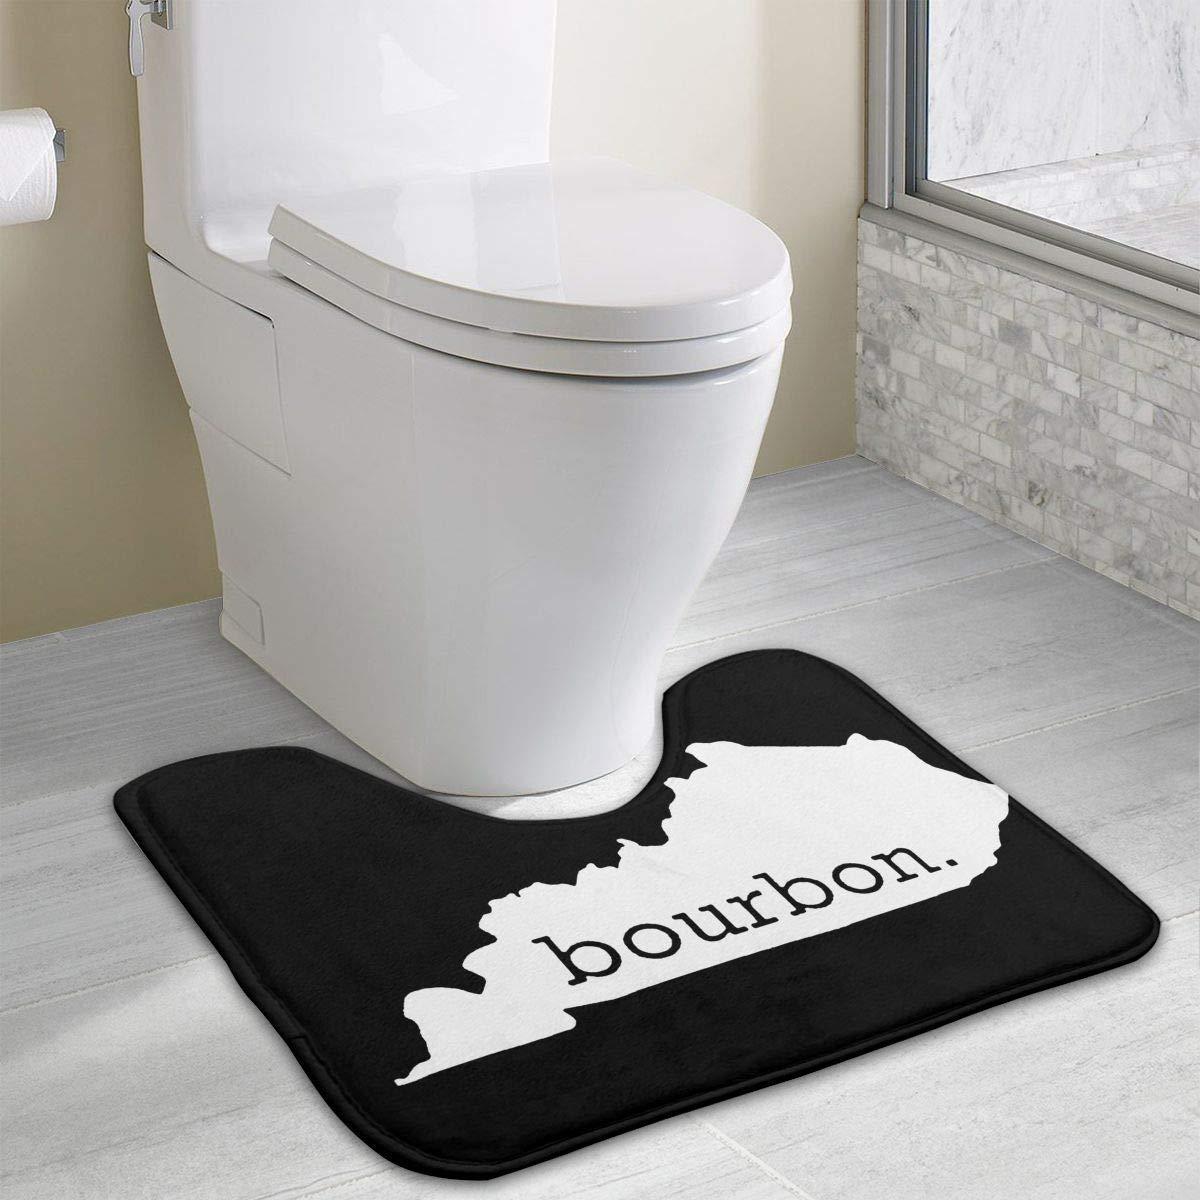 Tremendous Amazon Com Non Slip Contour Bath Mat For Toilet Kentucky Spiritservingveterans Wood Chair Design Ideas Spiritservingveteransorg